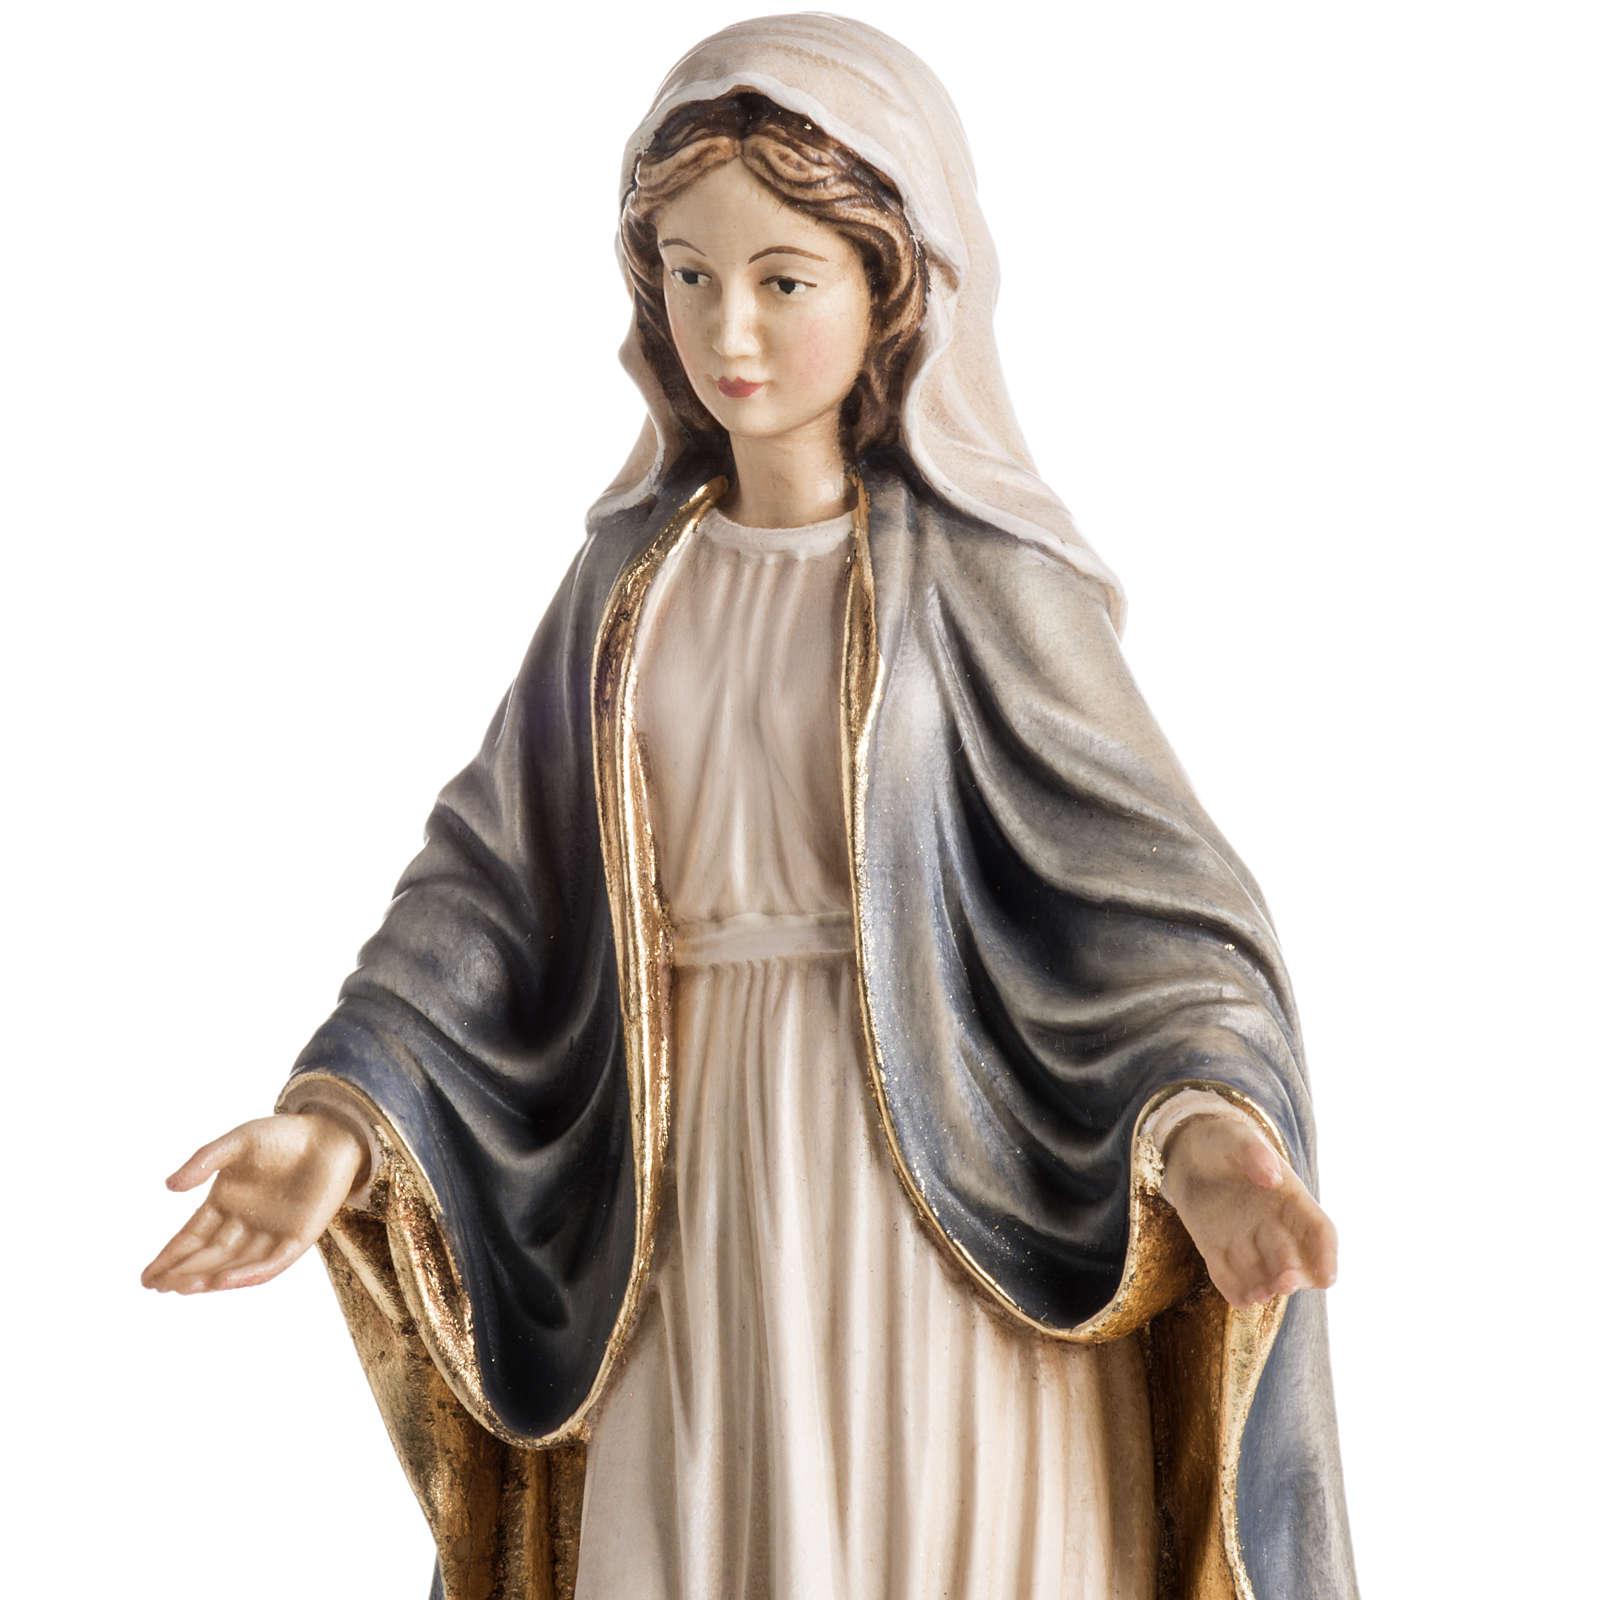 Grödnertal Holzschnitzerei Madonna delle Grazie 4